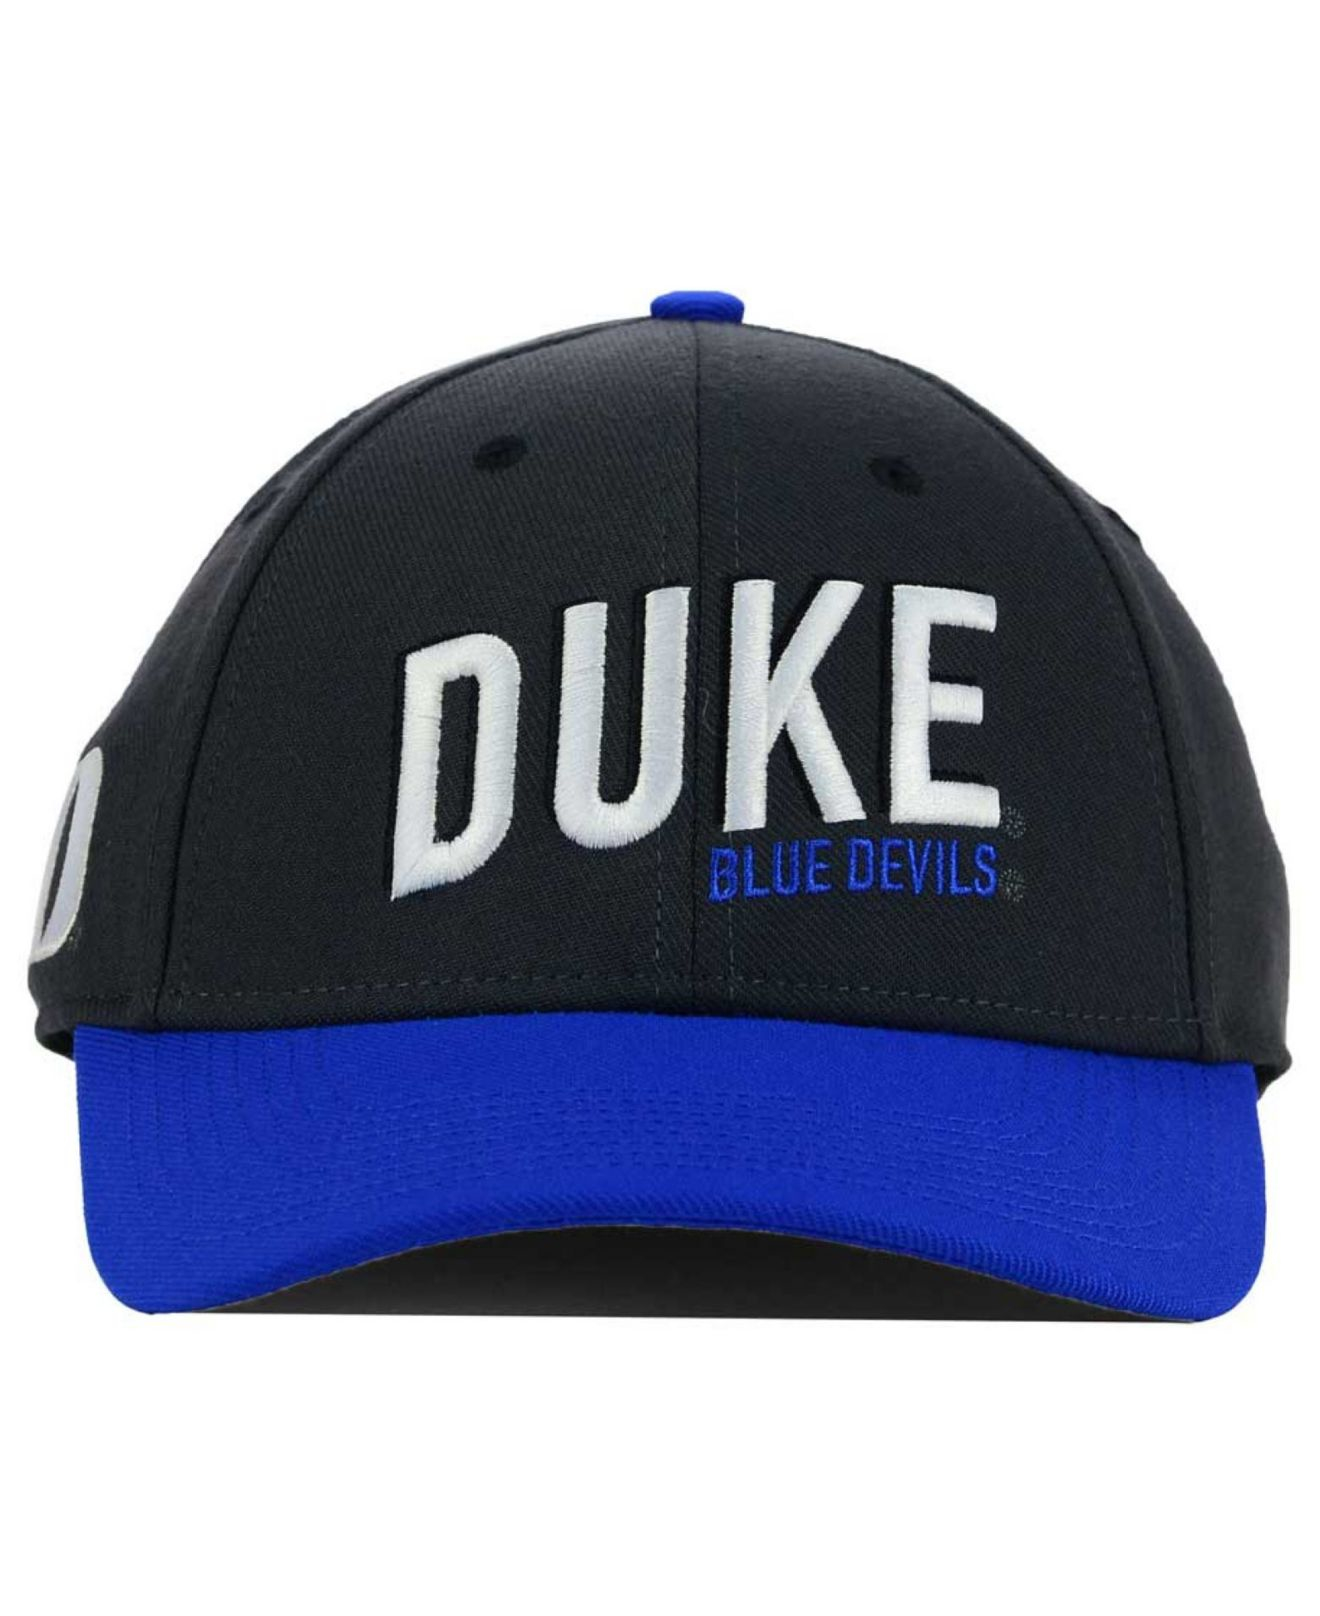 watch 3a46e c9665 Lyst - Nike Duke Blue Devils L91 Swooshflex Cap in Gray for Men